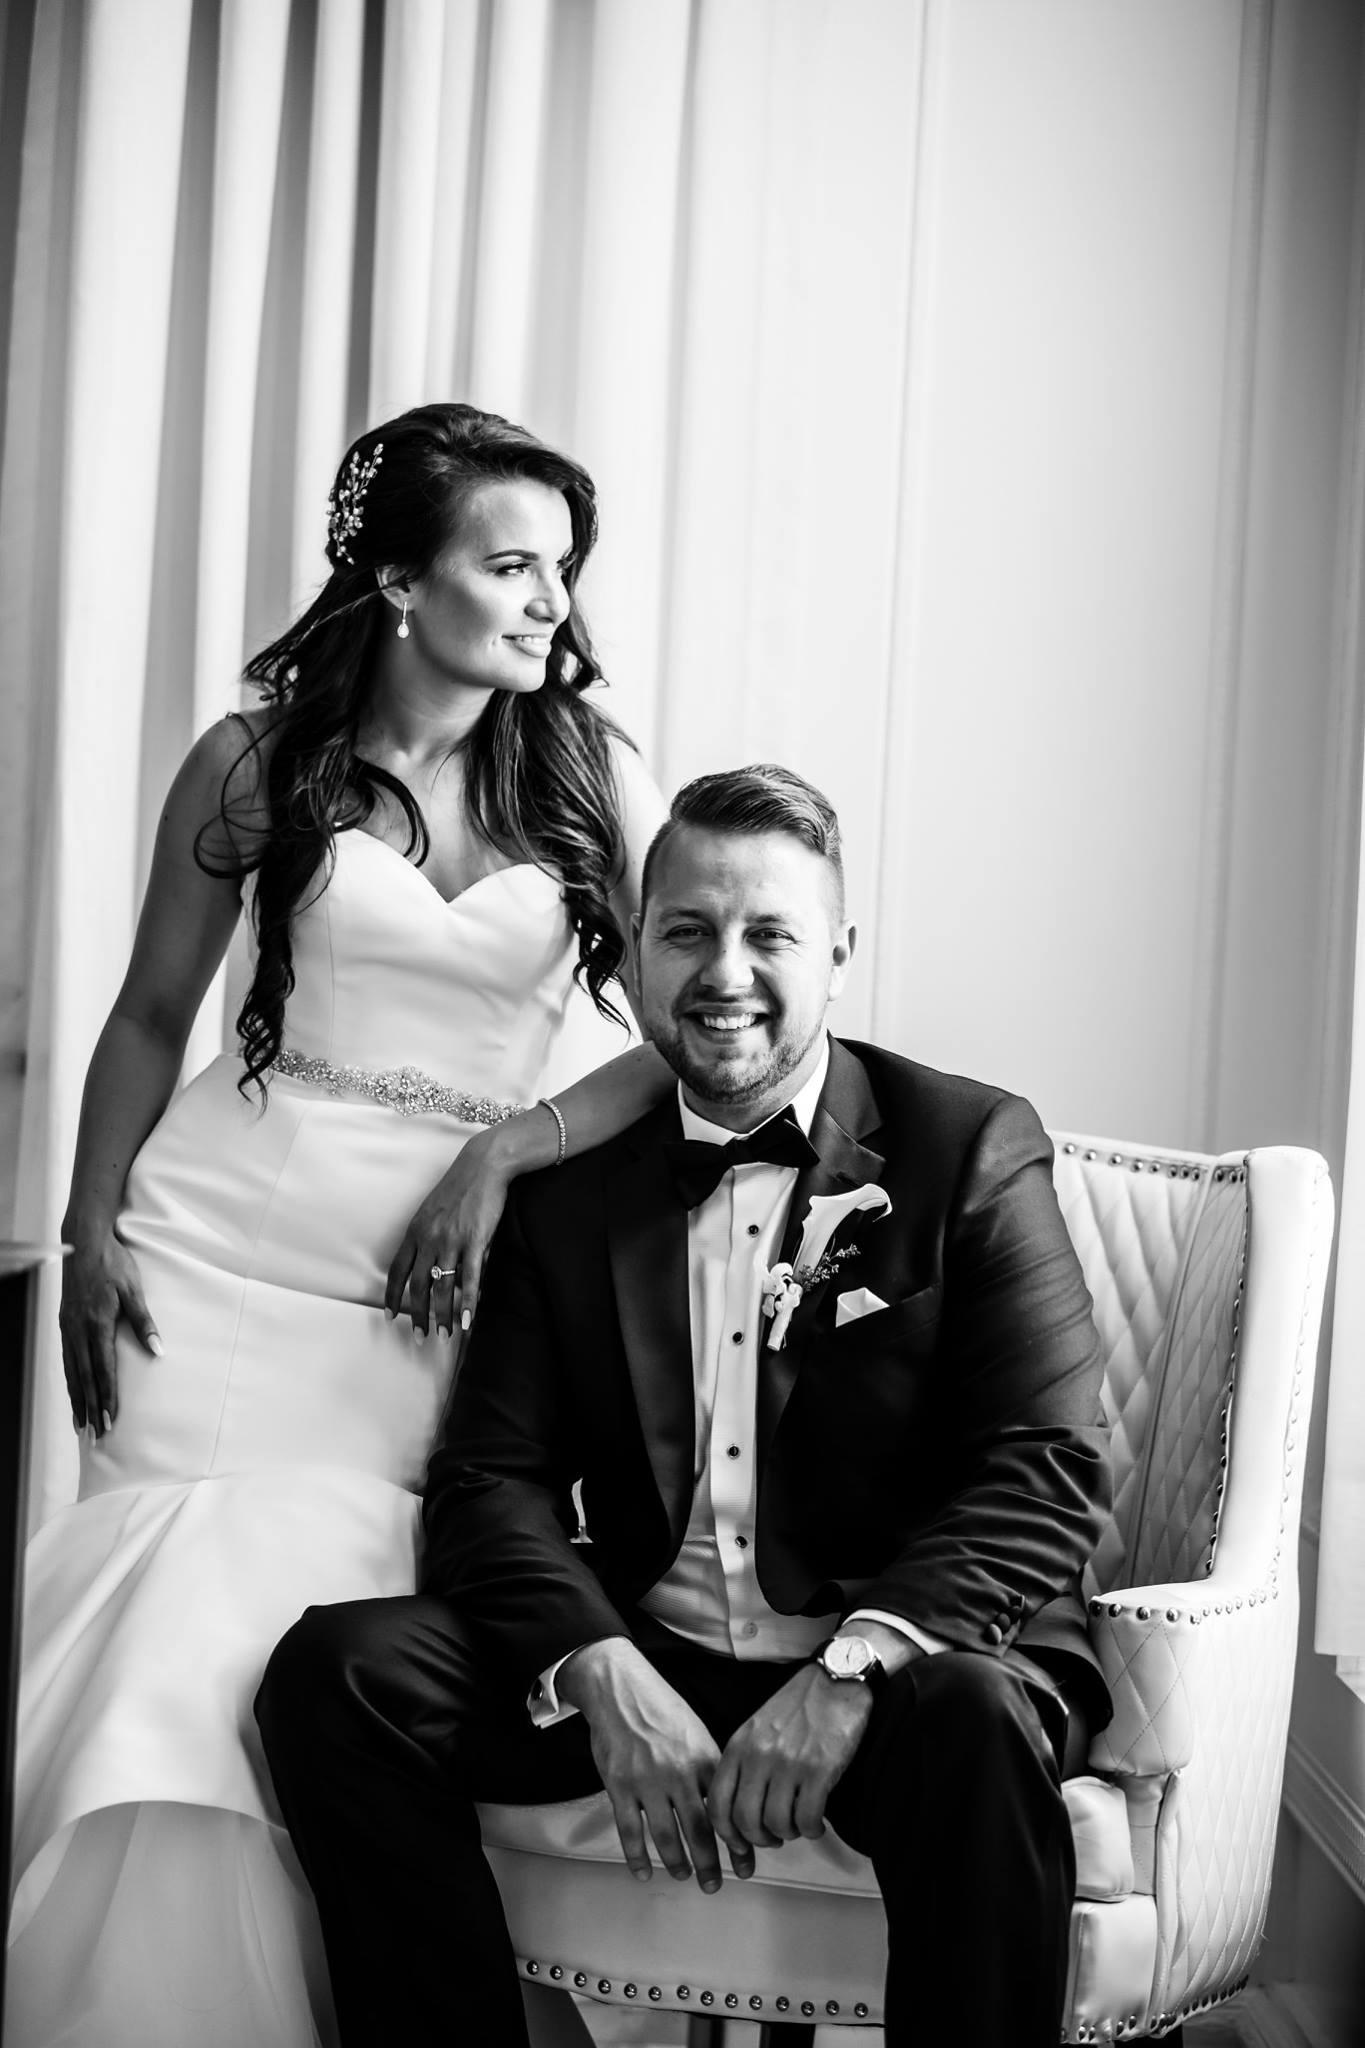 zajac photography wedding 24